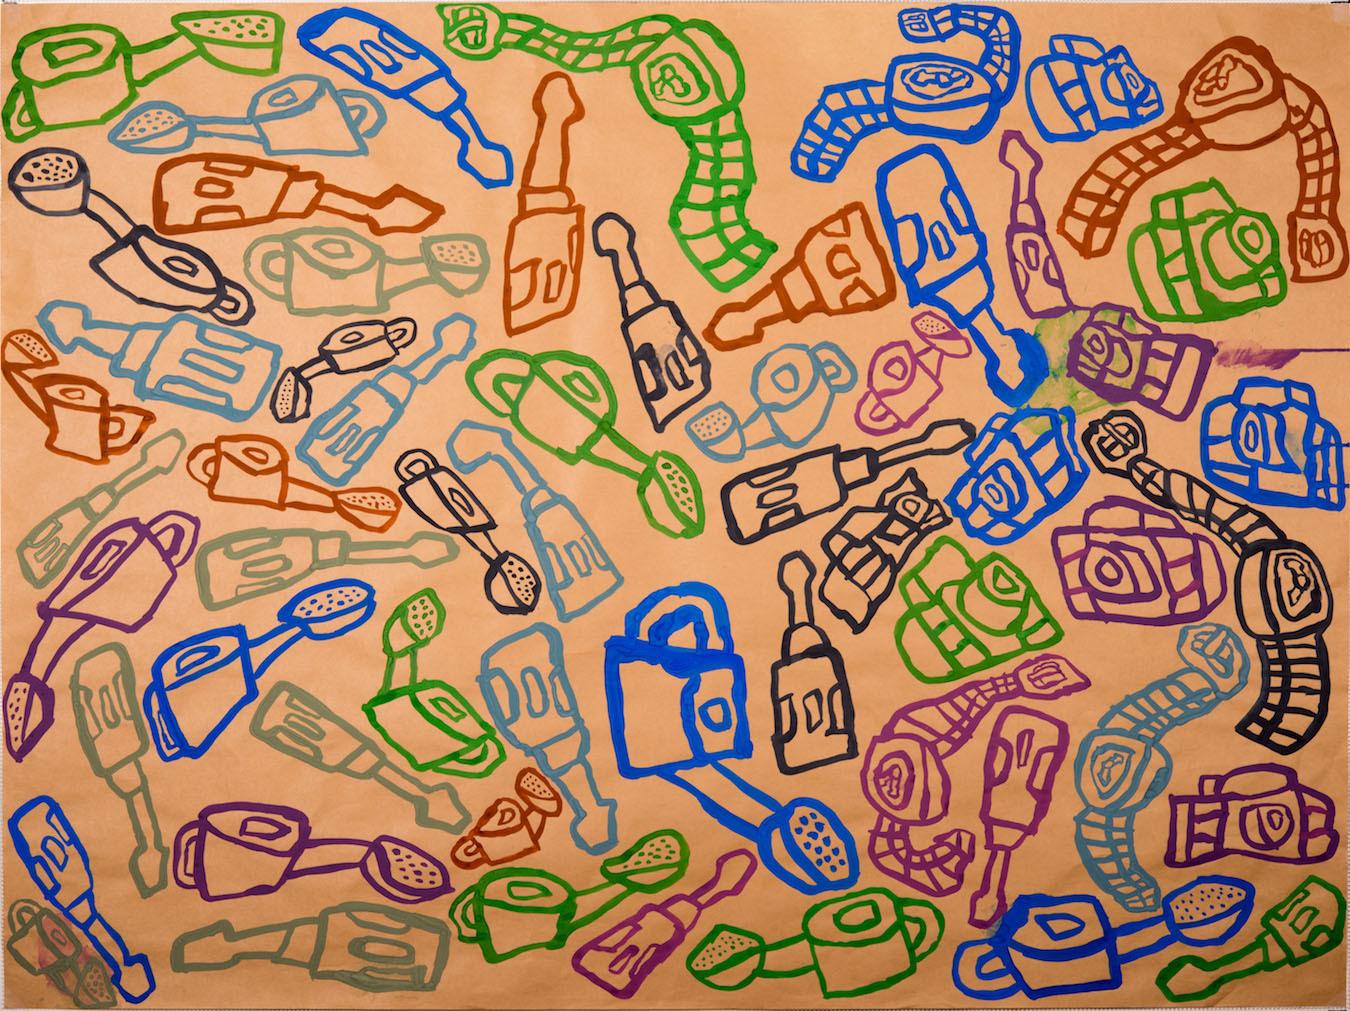 伊藤彬さん自閉症の男性が描くタウンページ表紙9-7